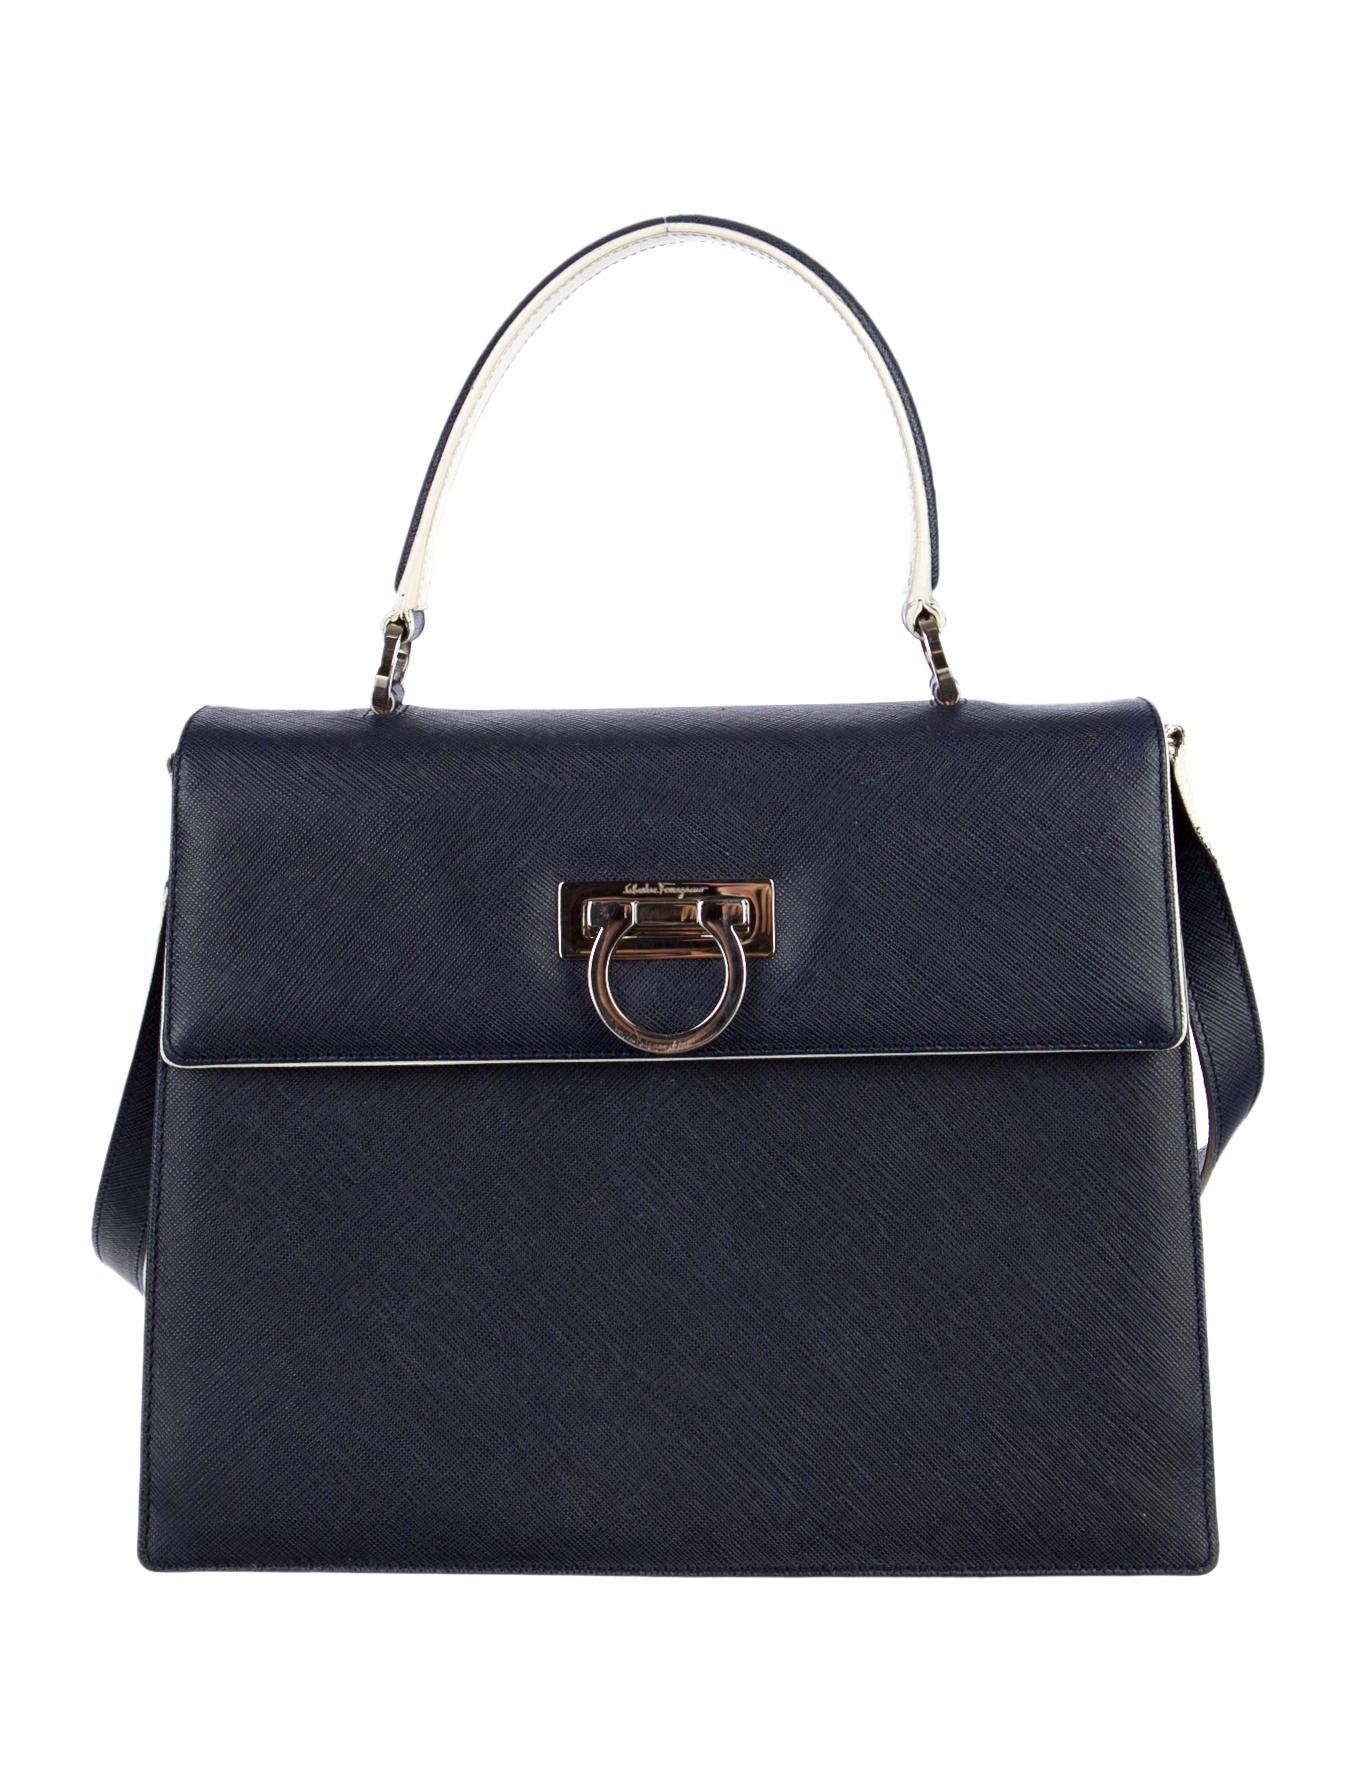 Cool Salvatore Ferragamo Womens Sofia Bag  Wwwqclothcom